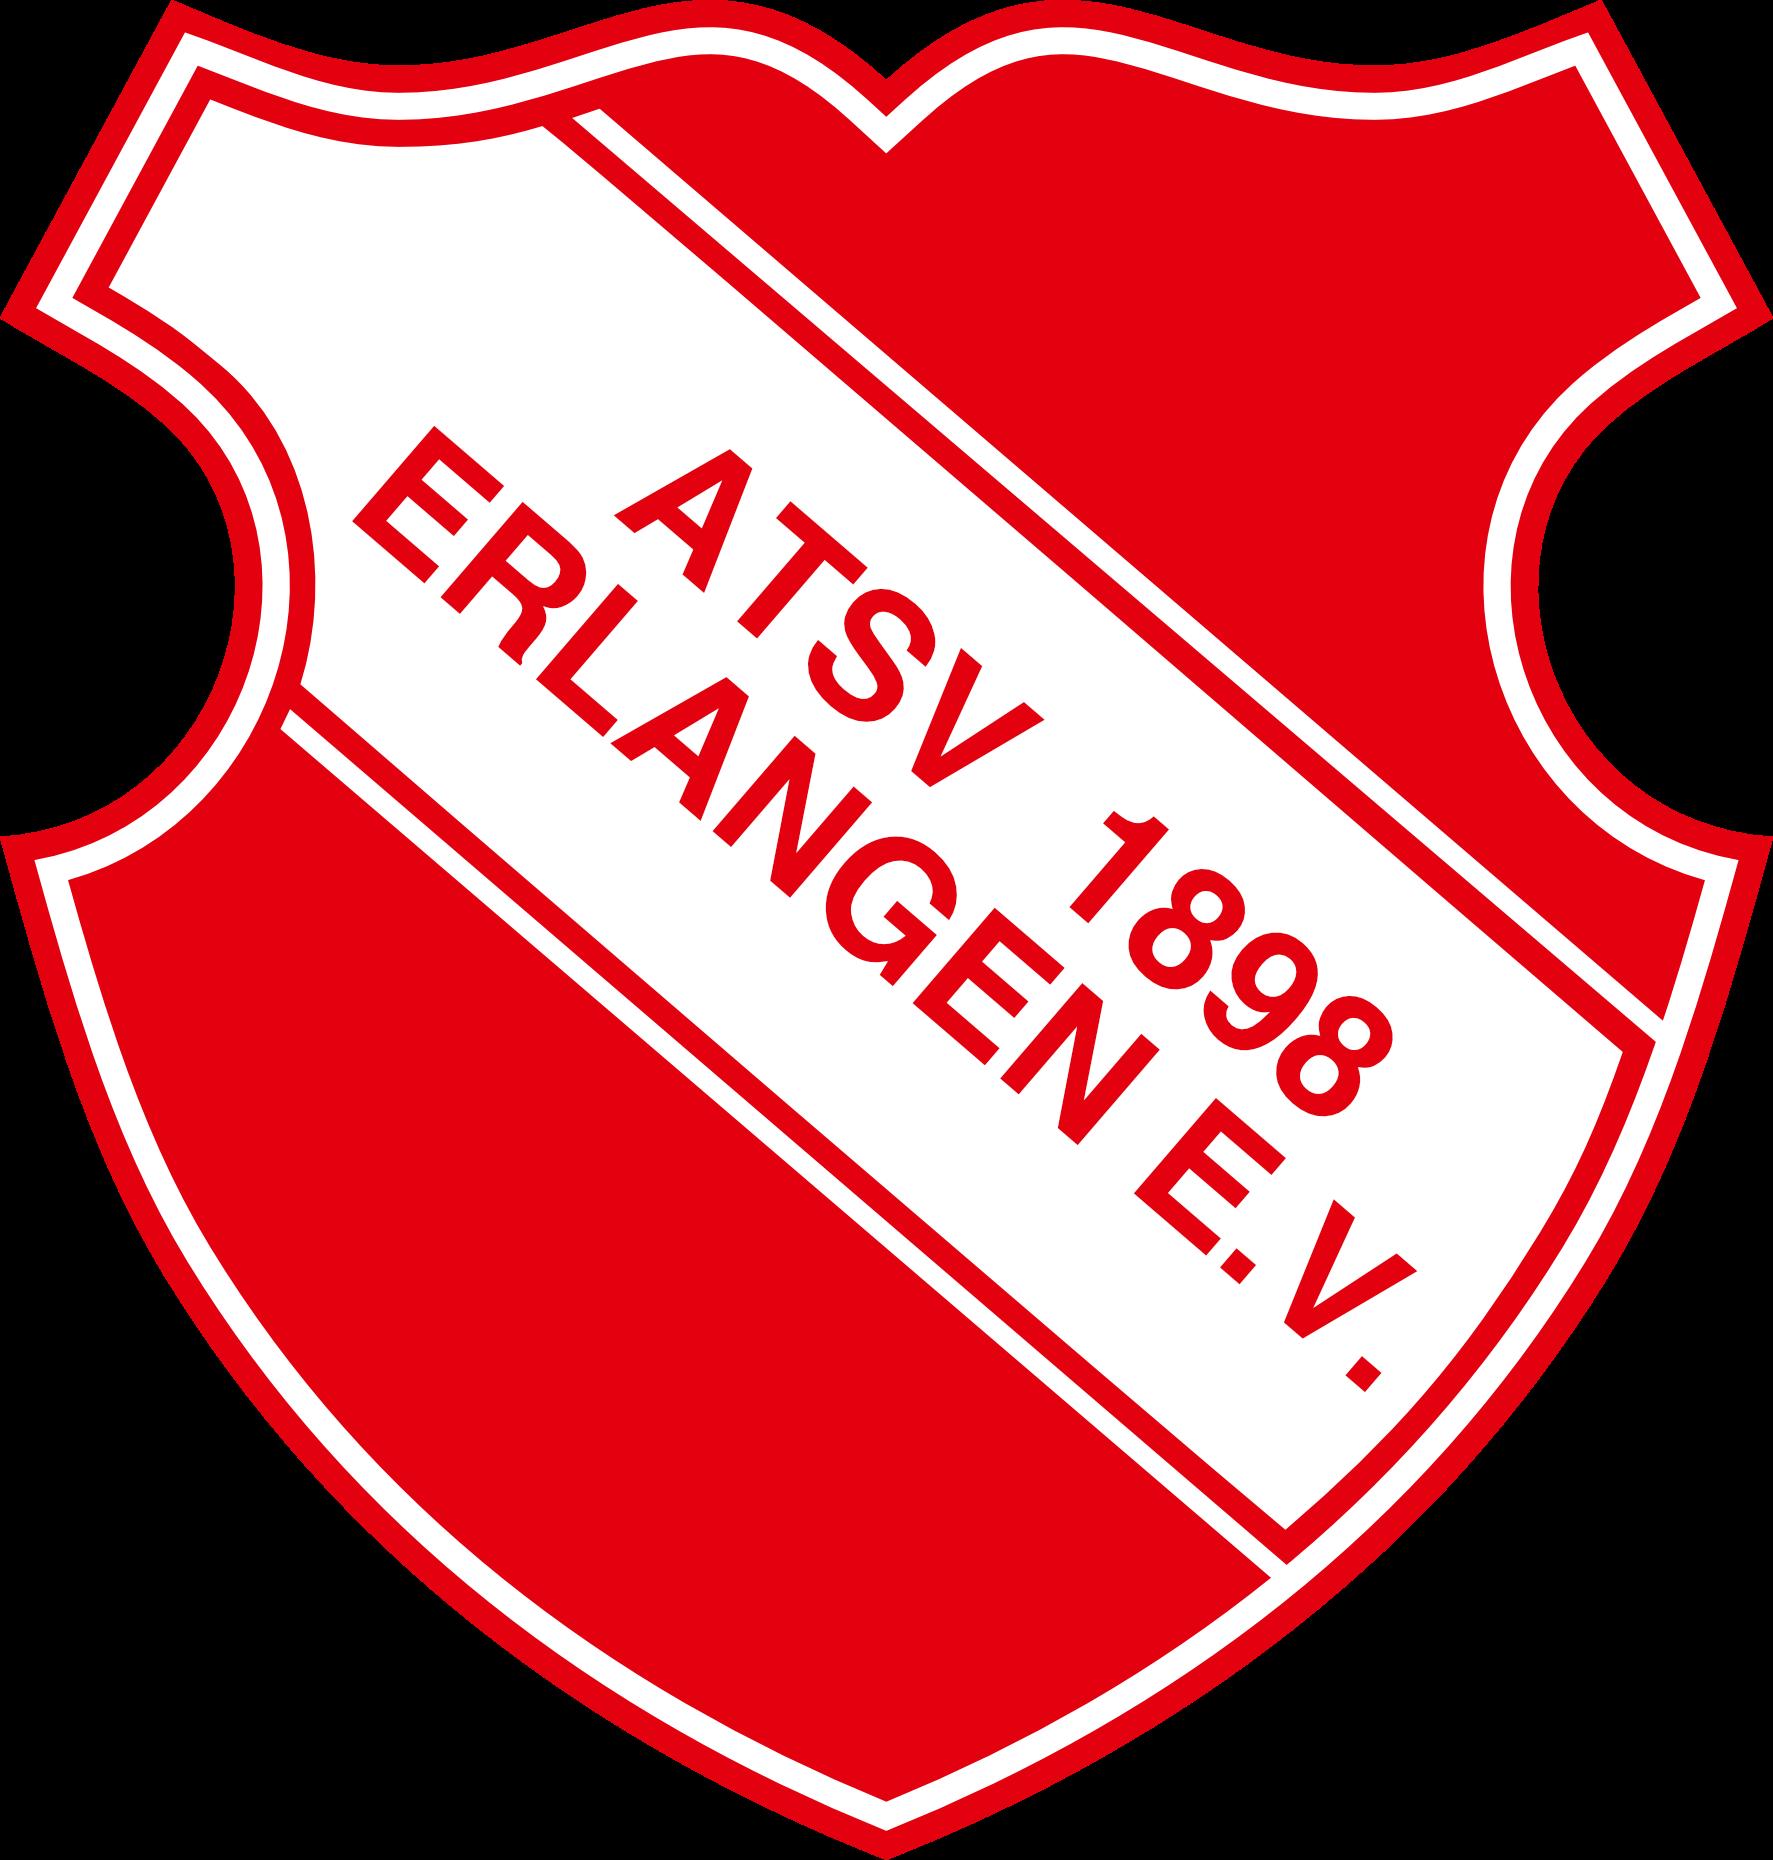 ATSV 1898 Erlangen e.V.